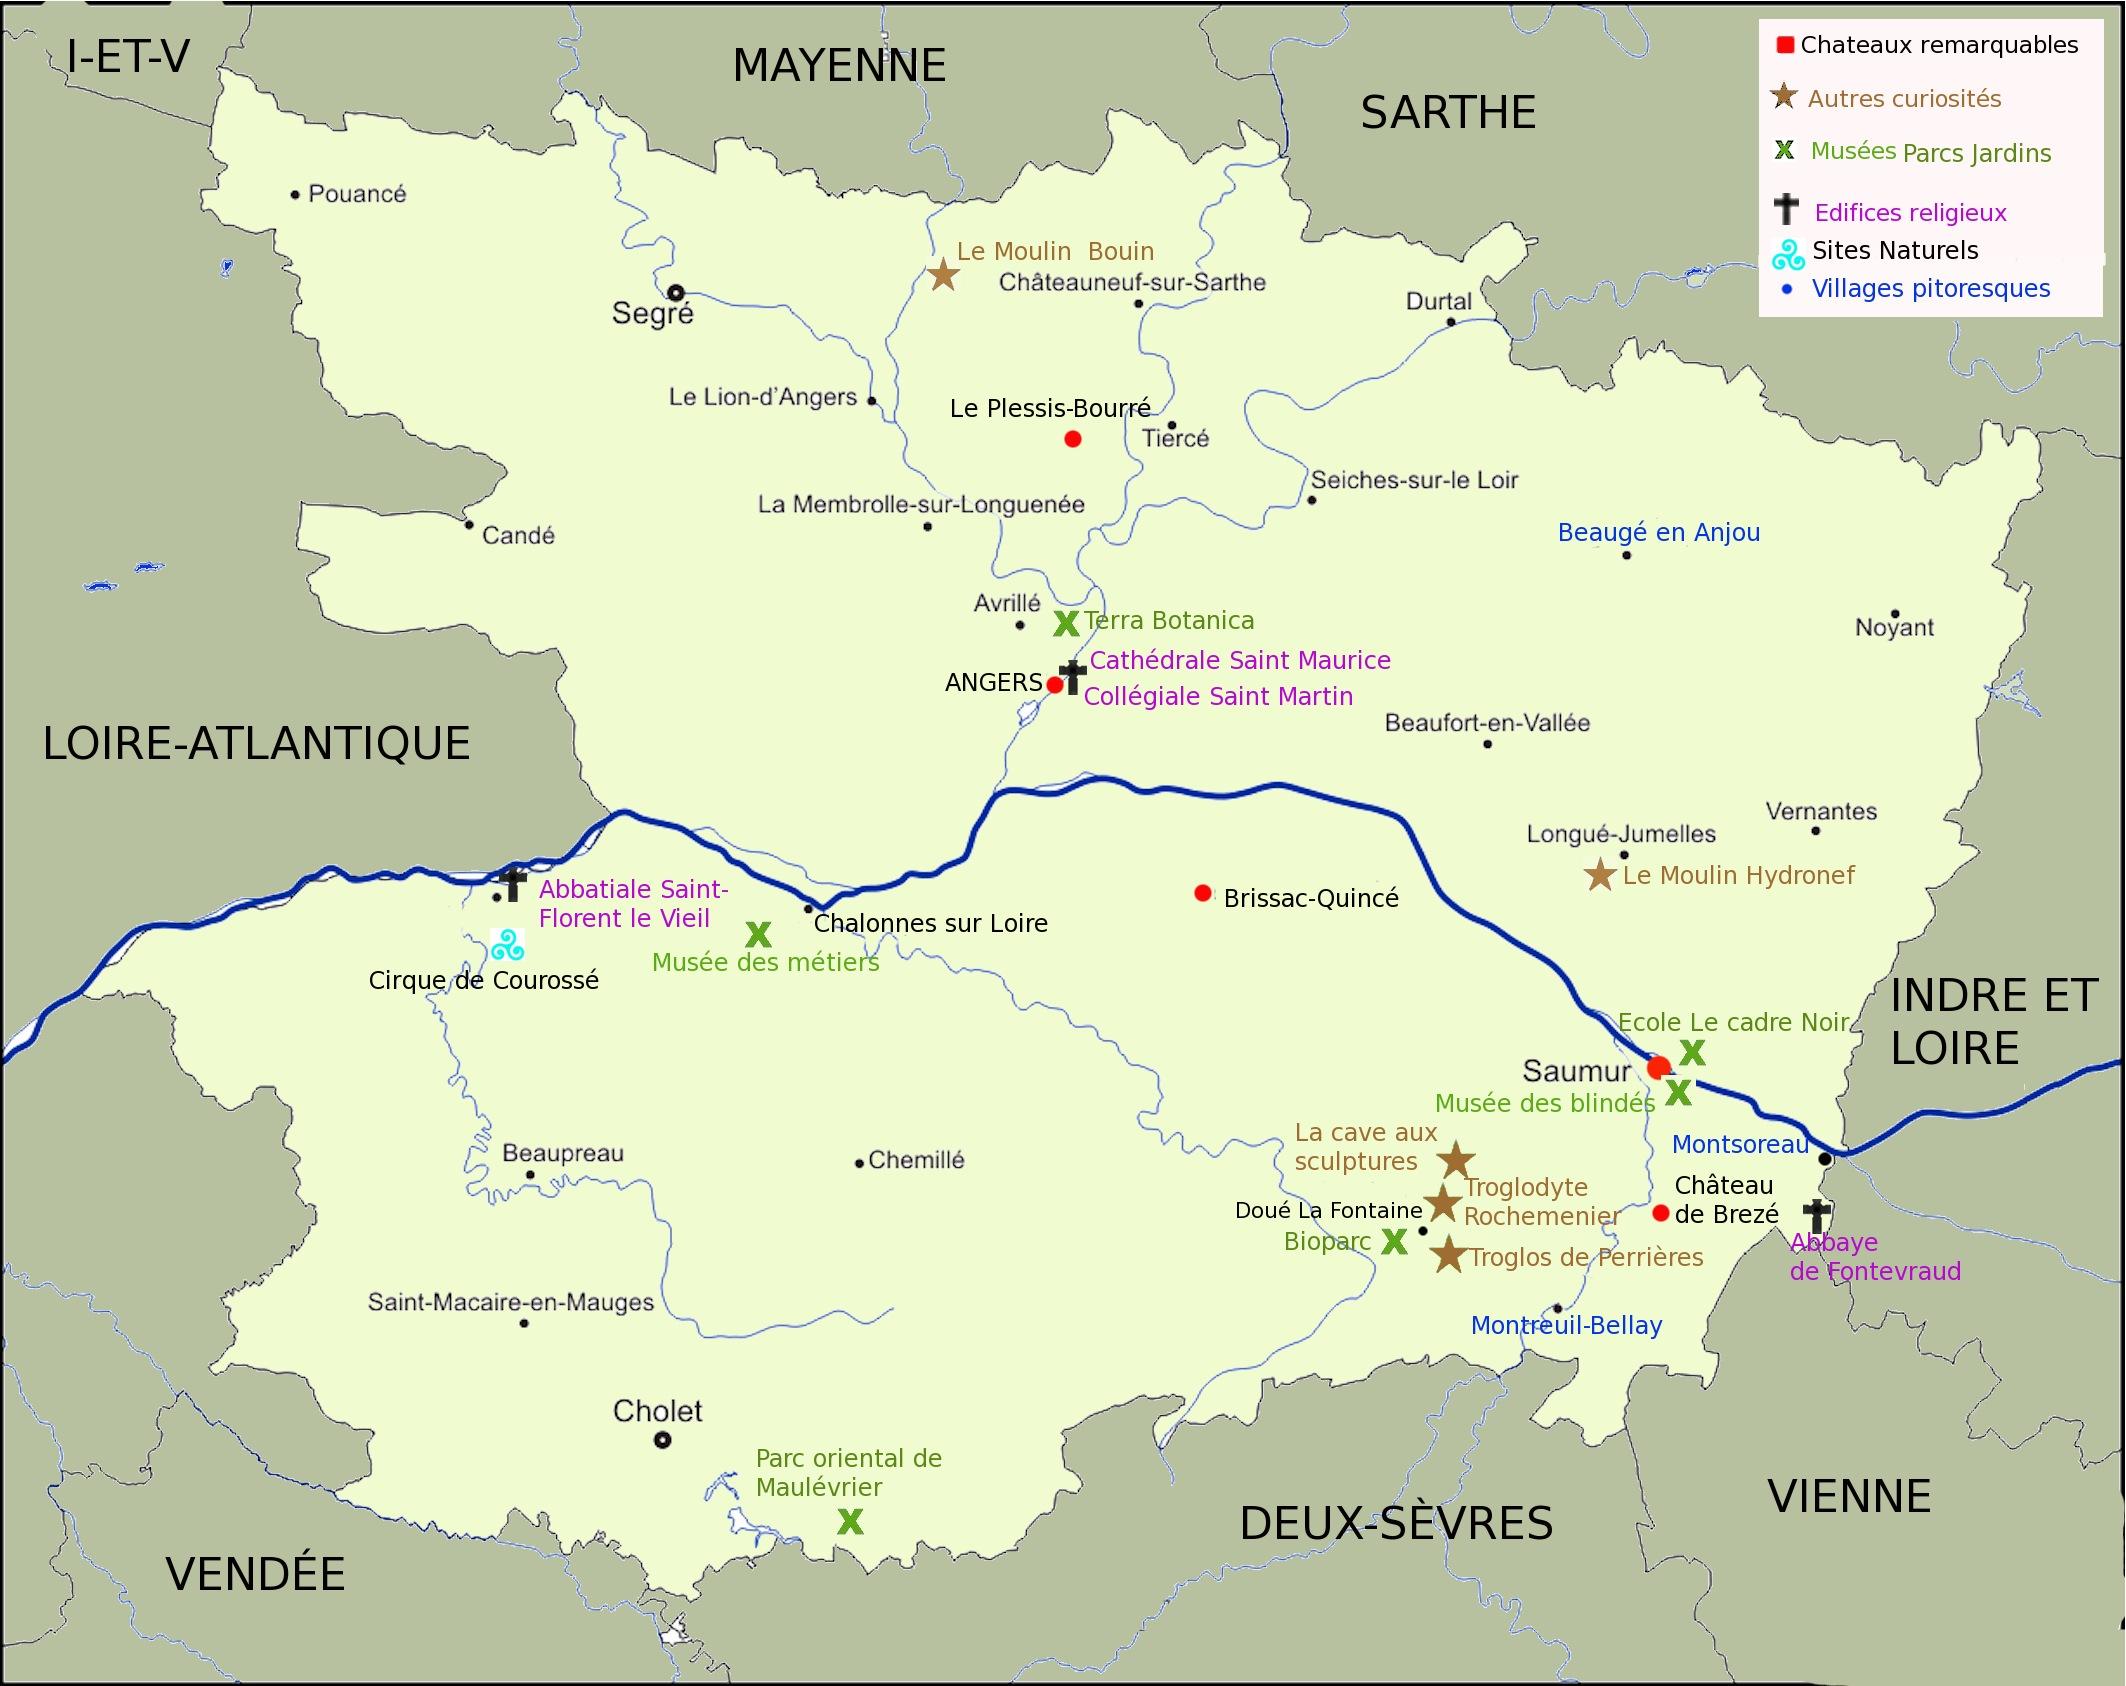 carte tourisme Maine et Loire, 20 meilleures visites maine et Loire